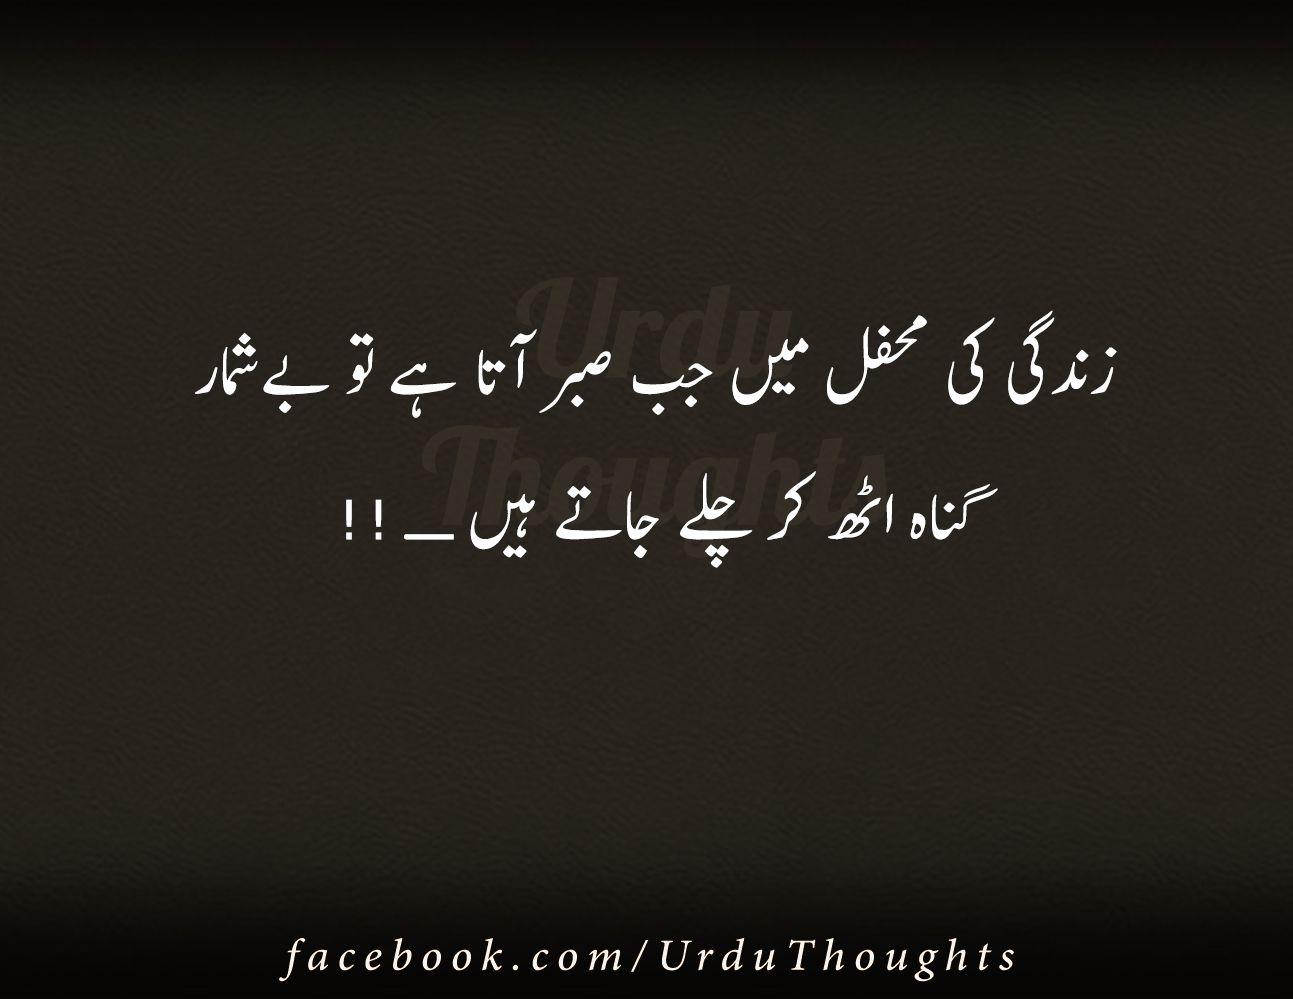 Famous Urdu Quotes - Amazing Quotes in Urdu Images  Urdu quotes